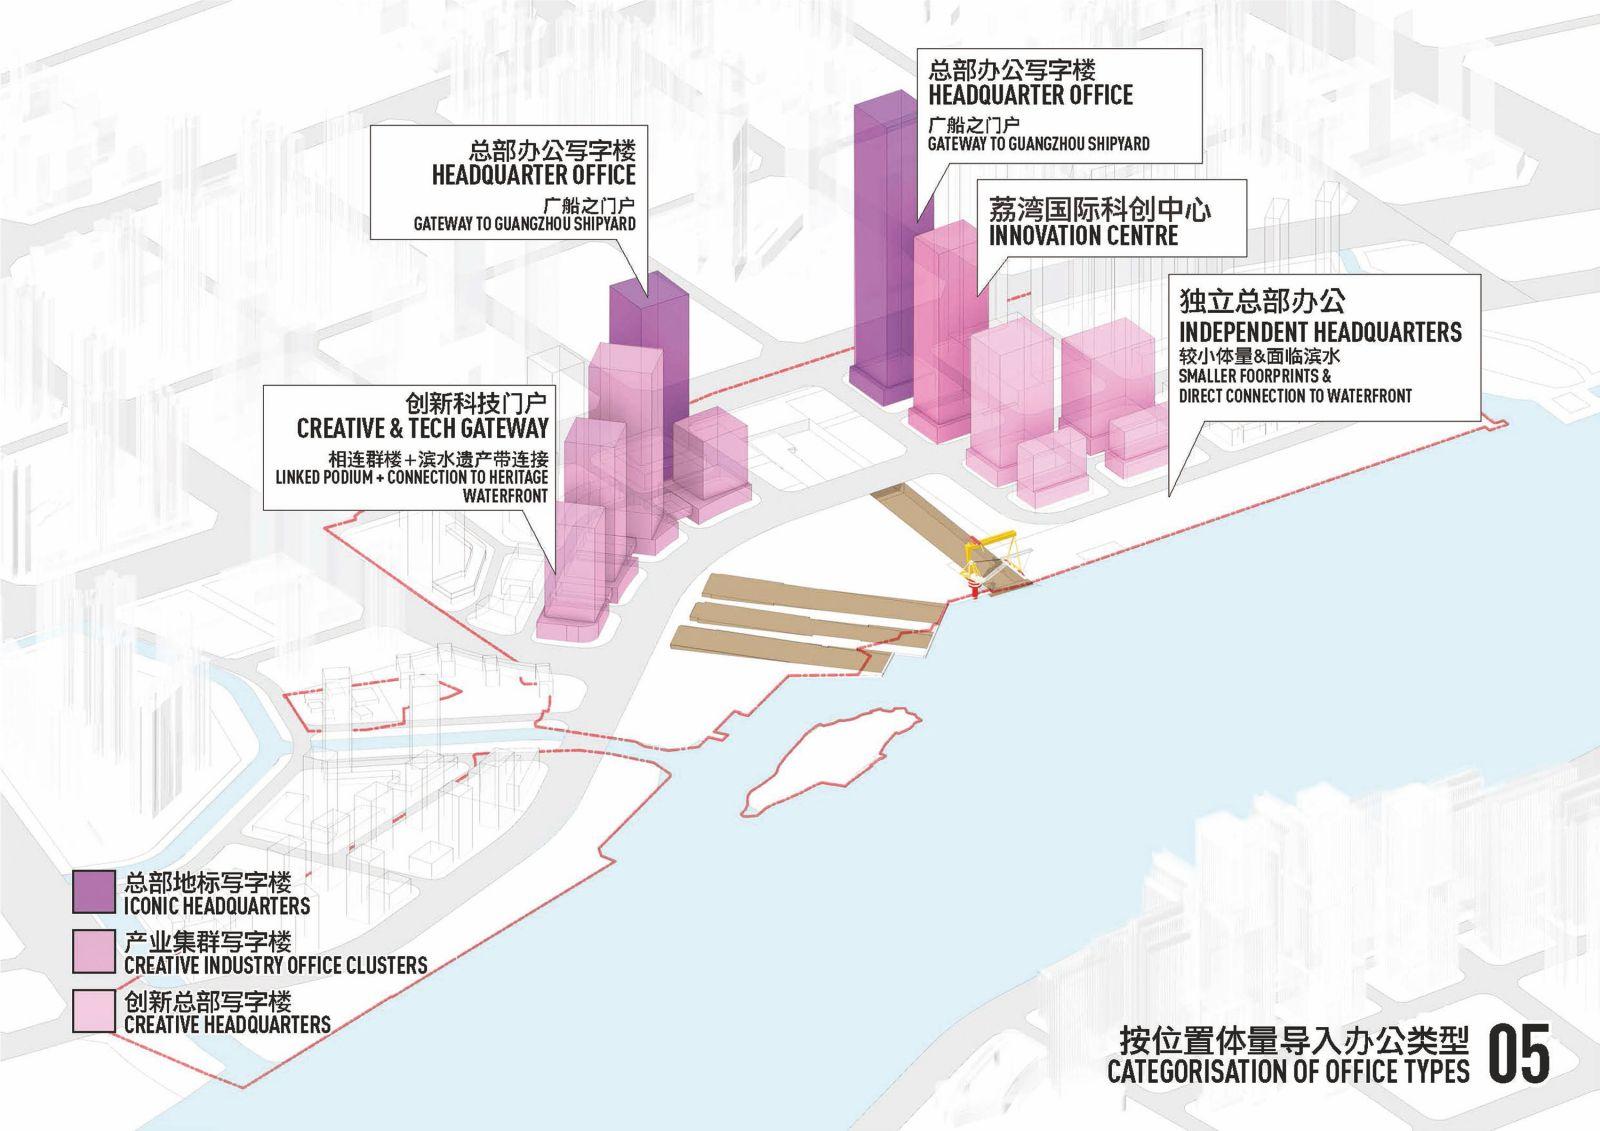 Guangzhou Shipyard